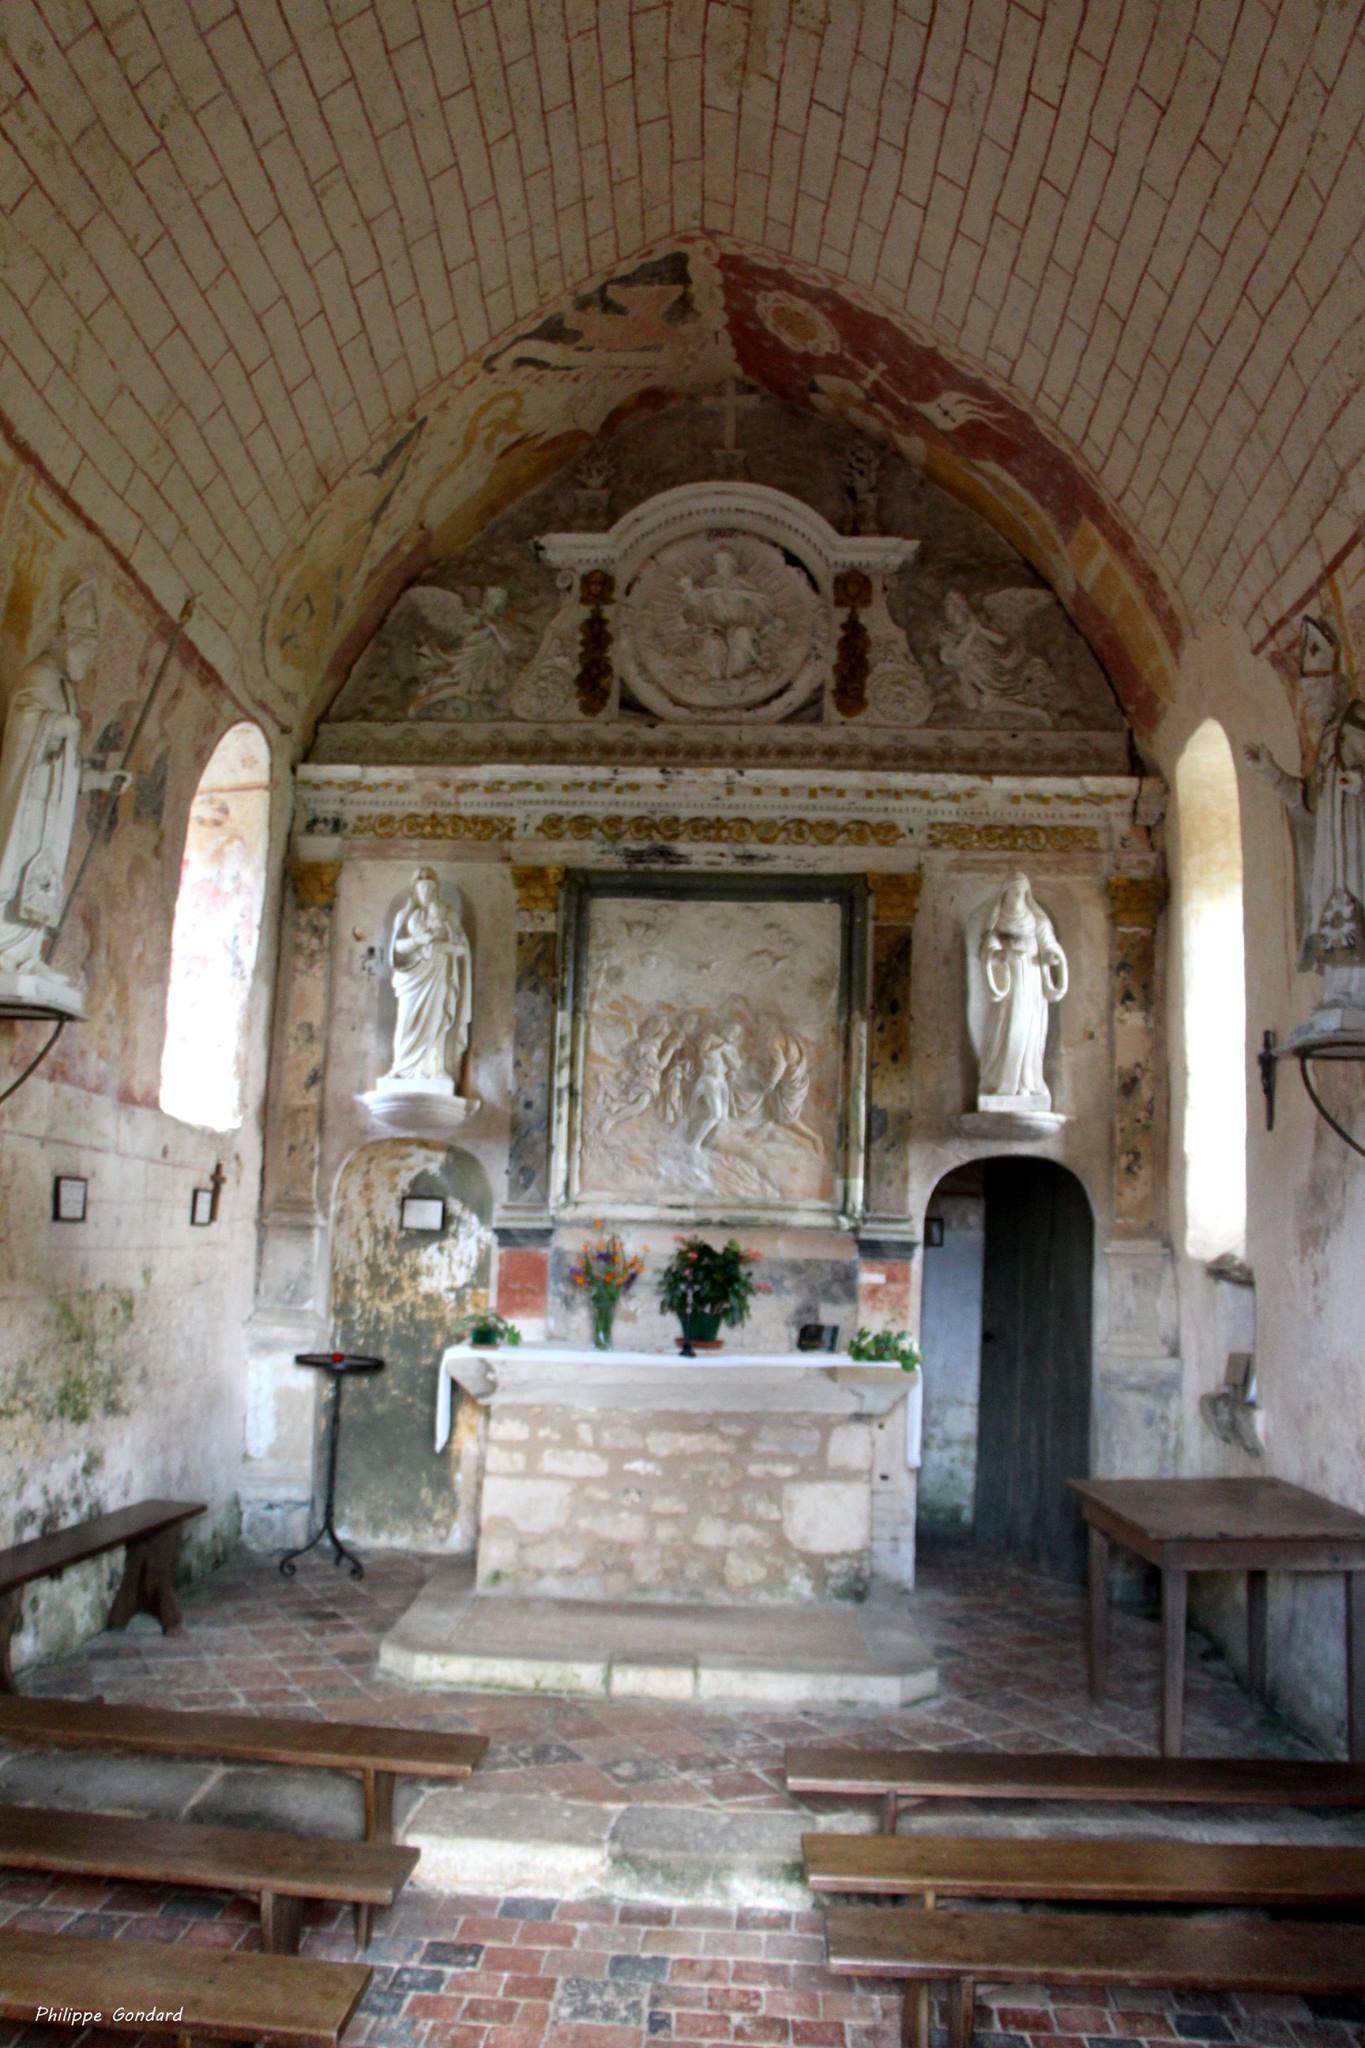 Conlie - Chapelle Saint Hilaire et Saint Eutrope de Verniette 12 - Retable de 1688 exécuté par Pierre Lorcet (Philippe Gondard)